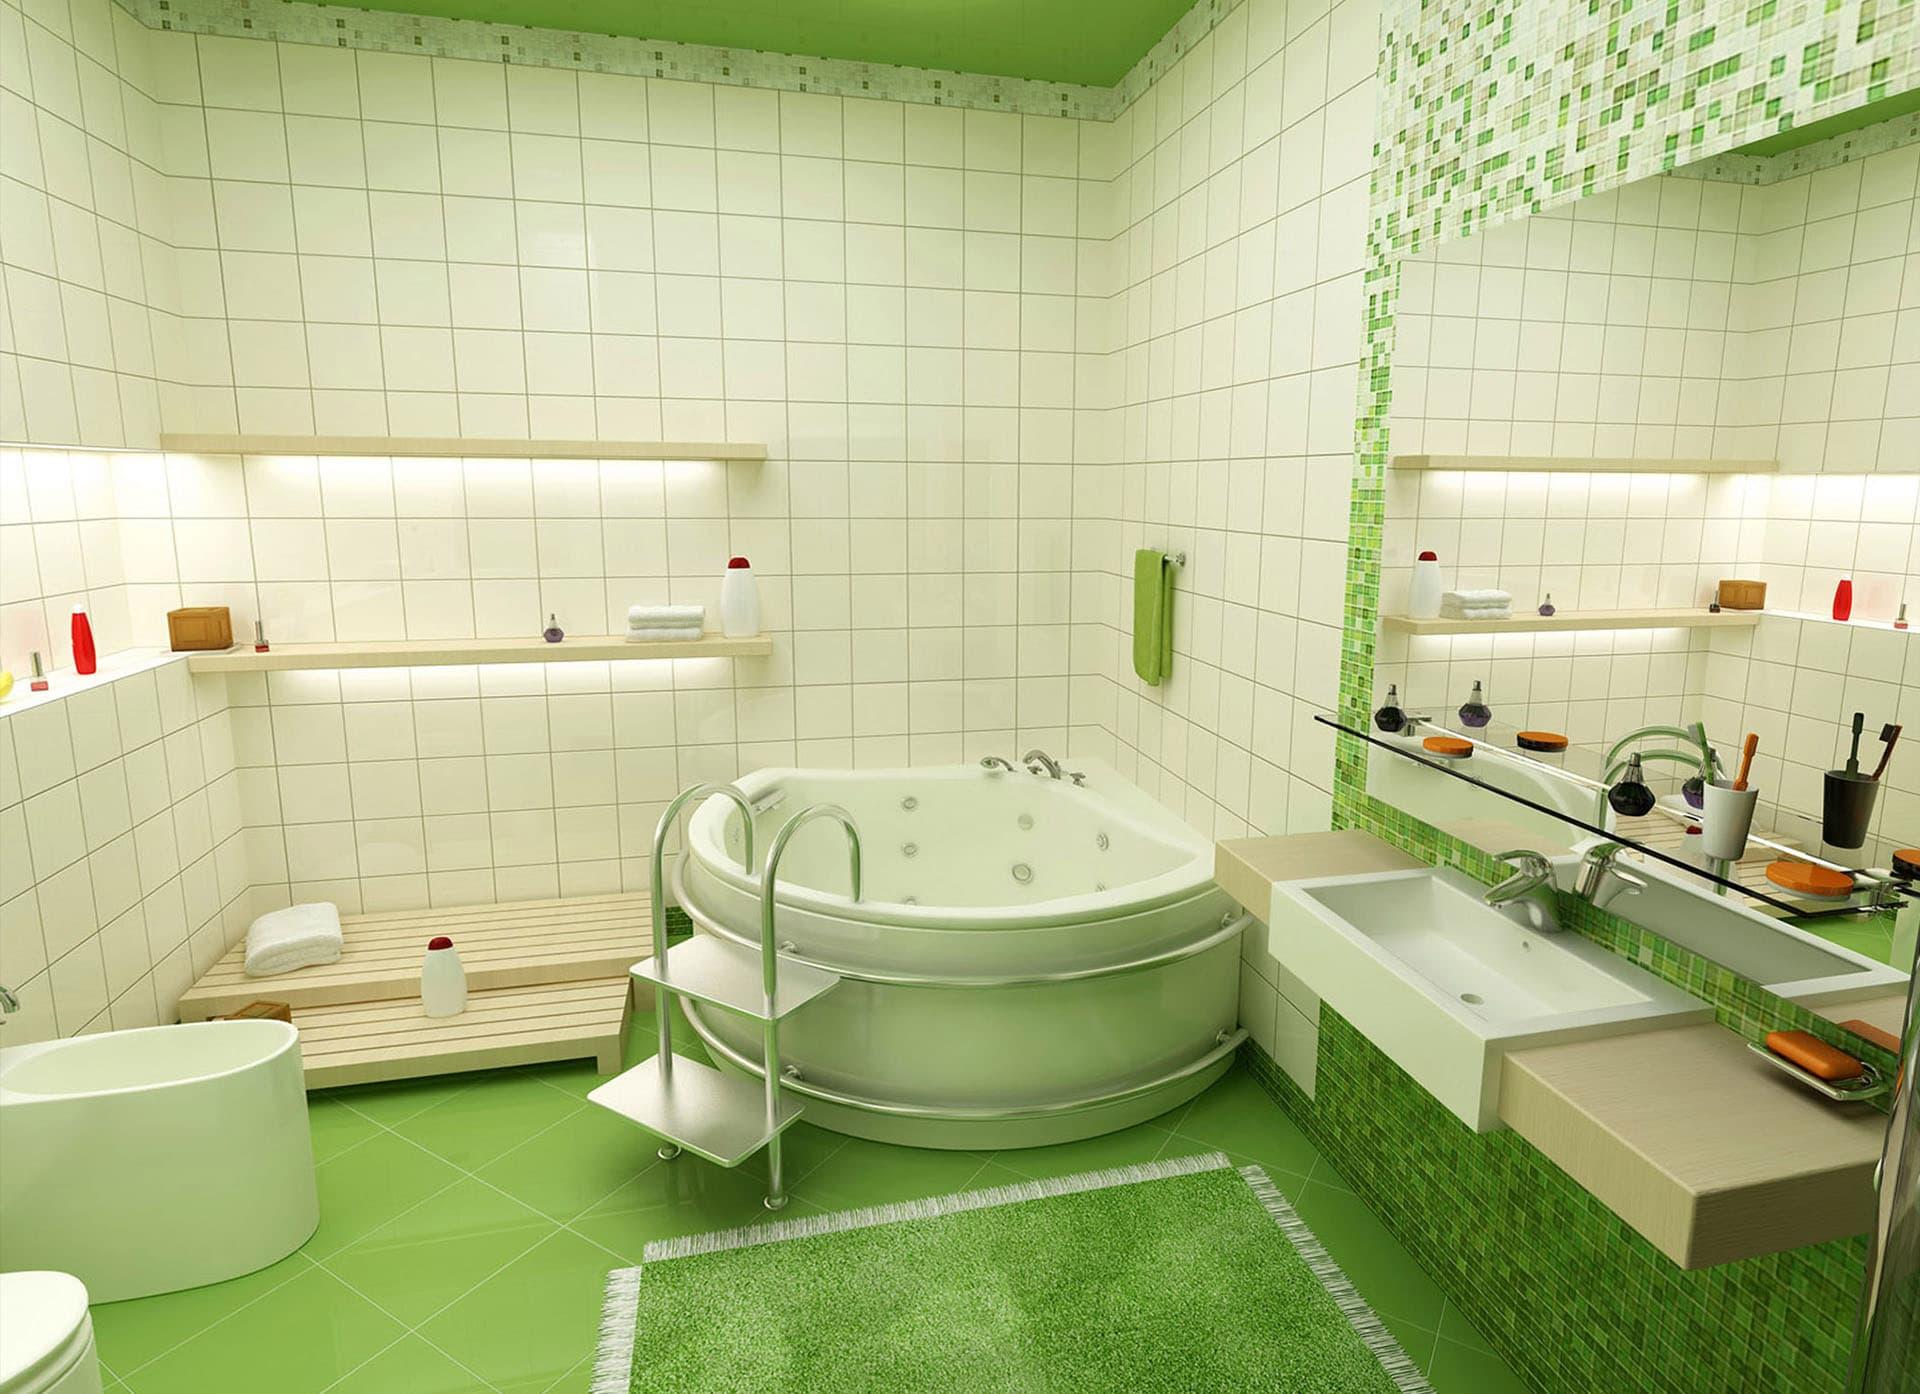 Зеленая ванная комната  № 2278624  скачать